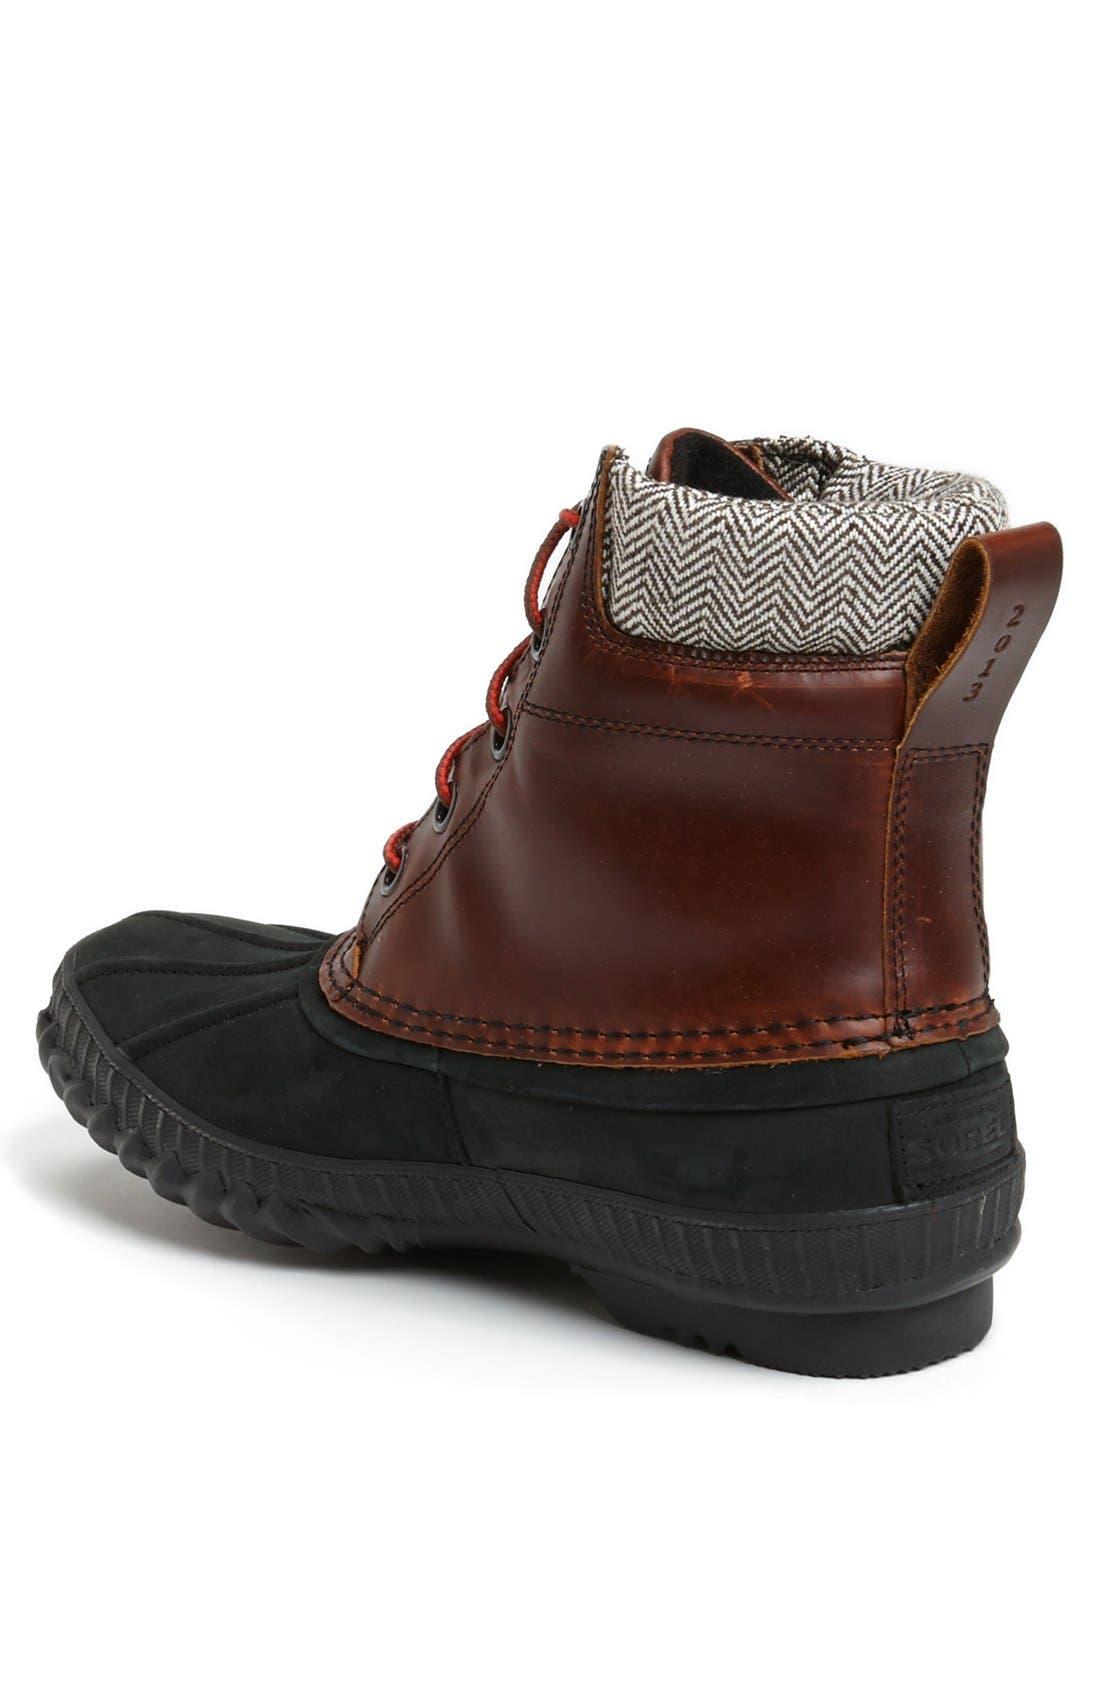 Alternate Image 2  - SOREL 'Cheyanne Reserve' Waterproof Snow Boot